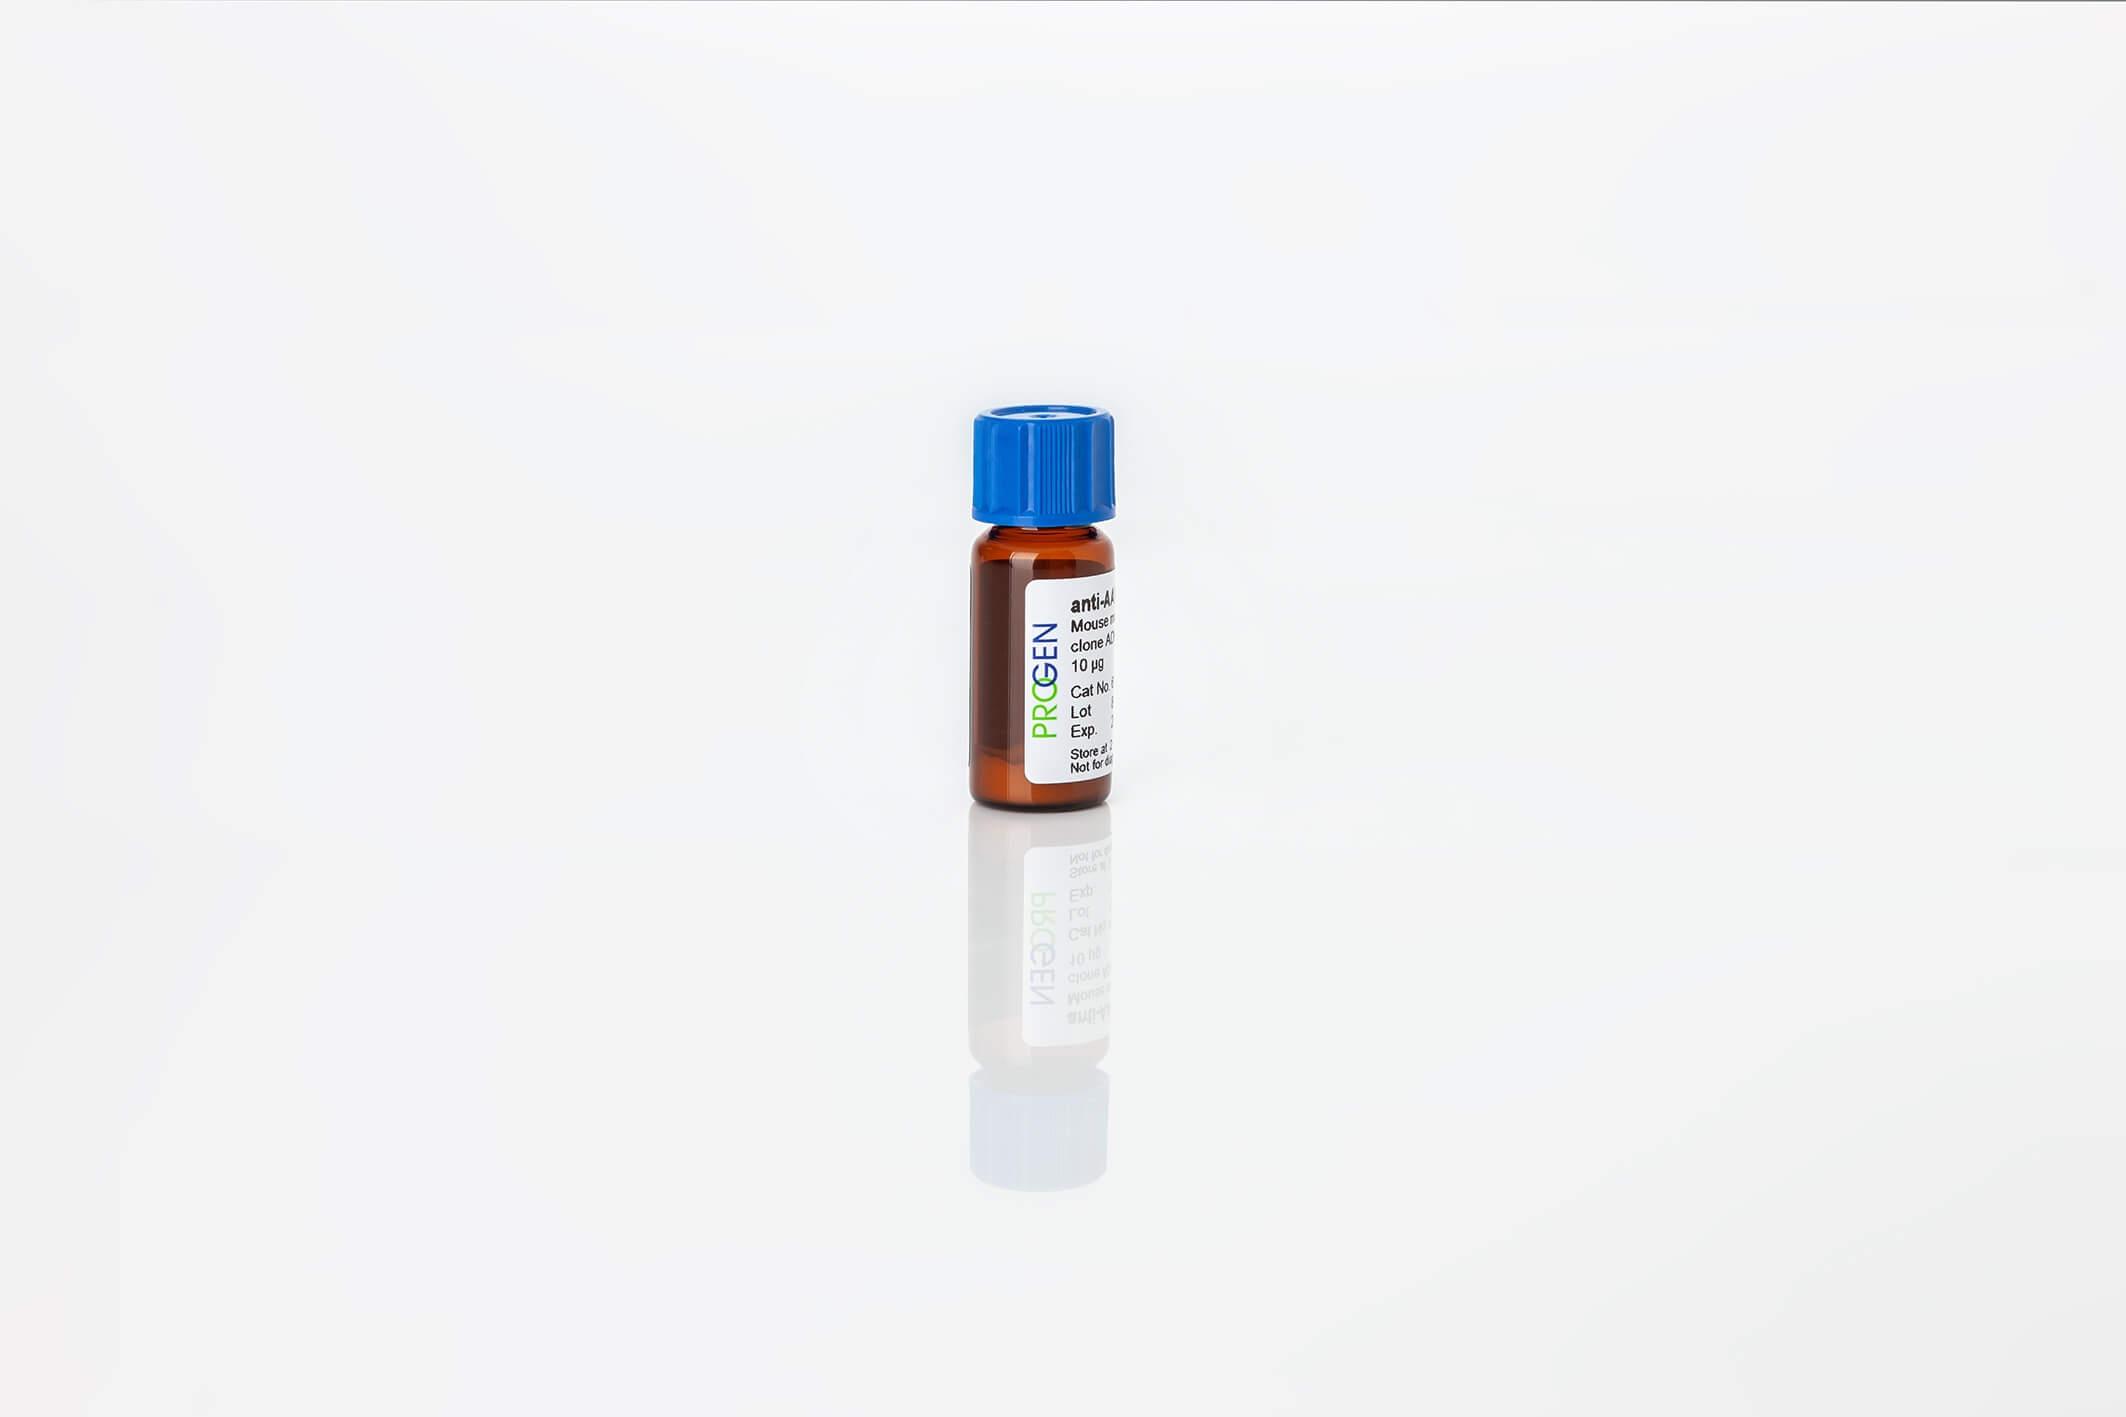 anti-p21 Protein mouse monoclonal, WA-1, supernatant